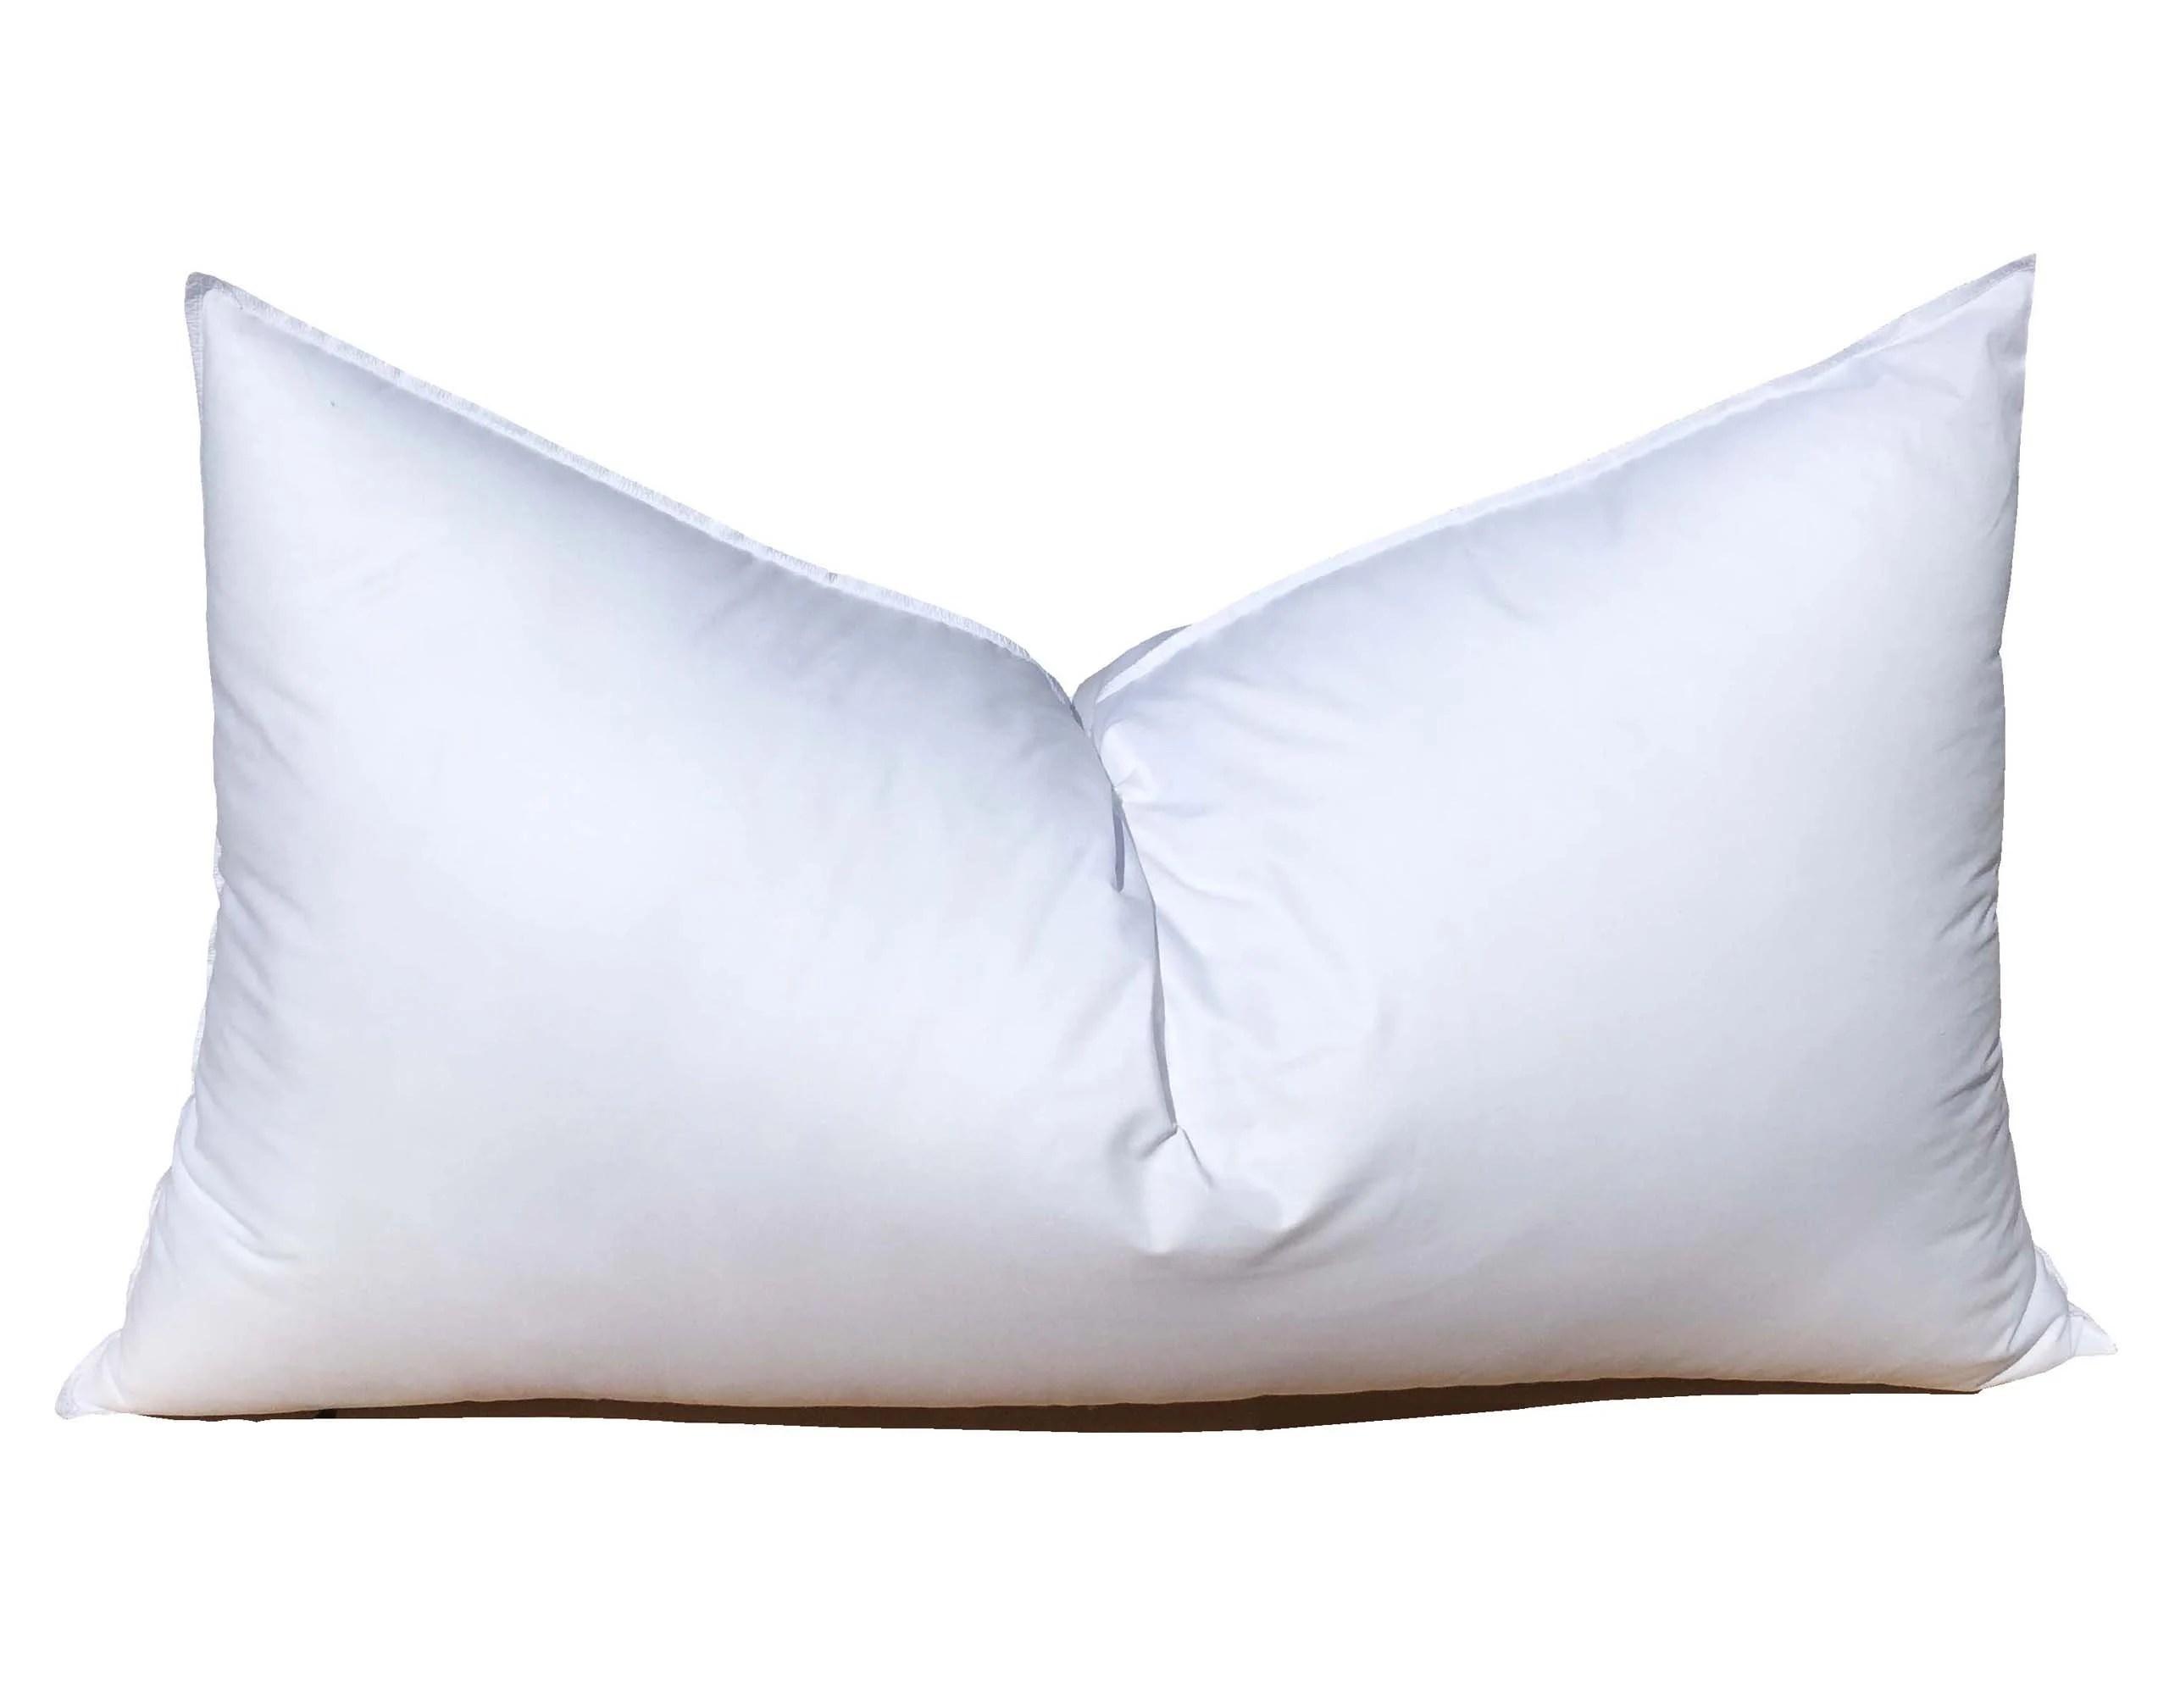 12x48 pillow insert online